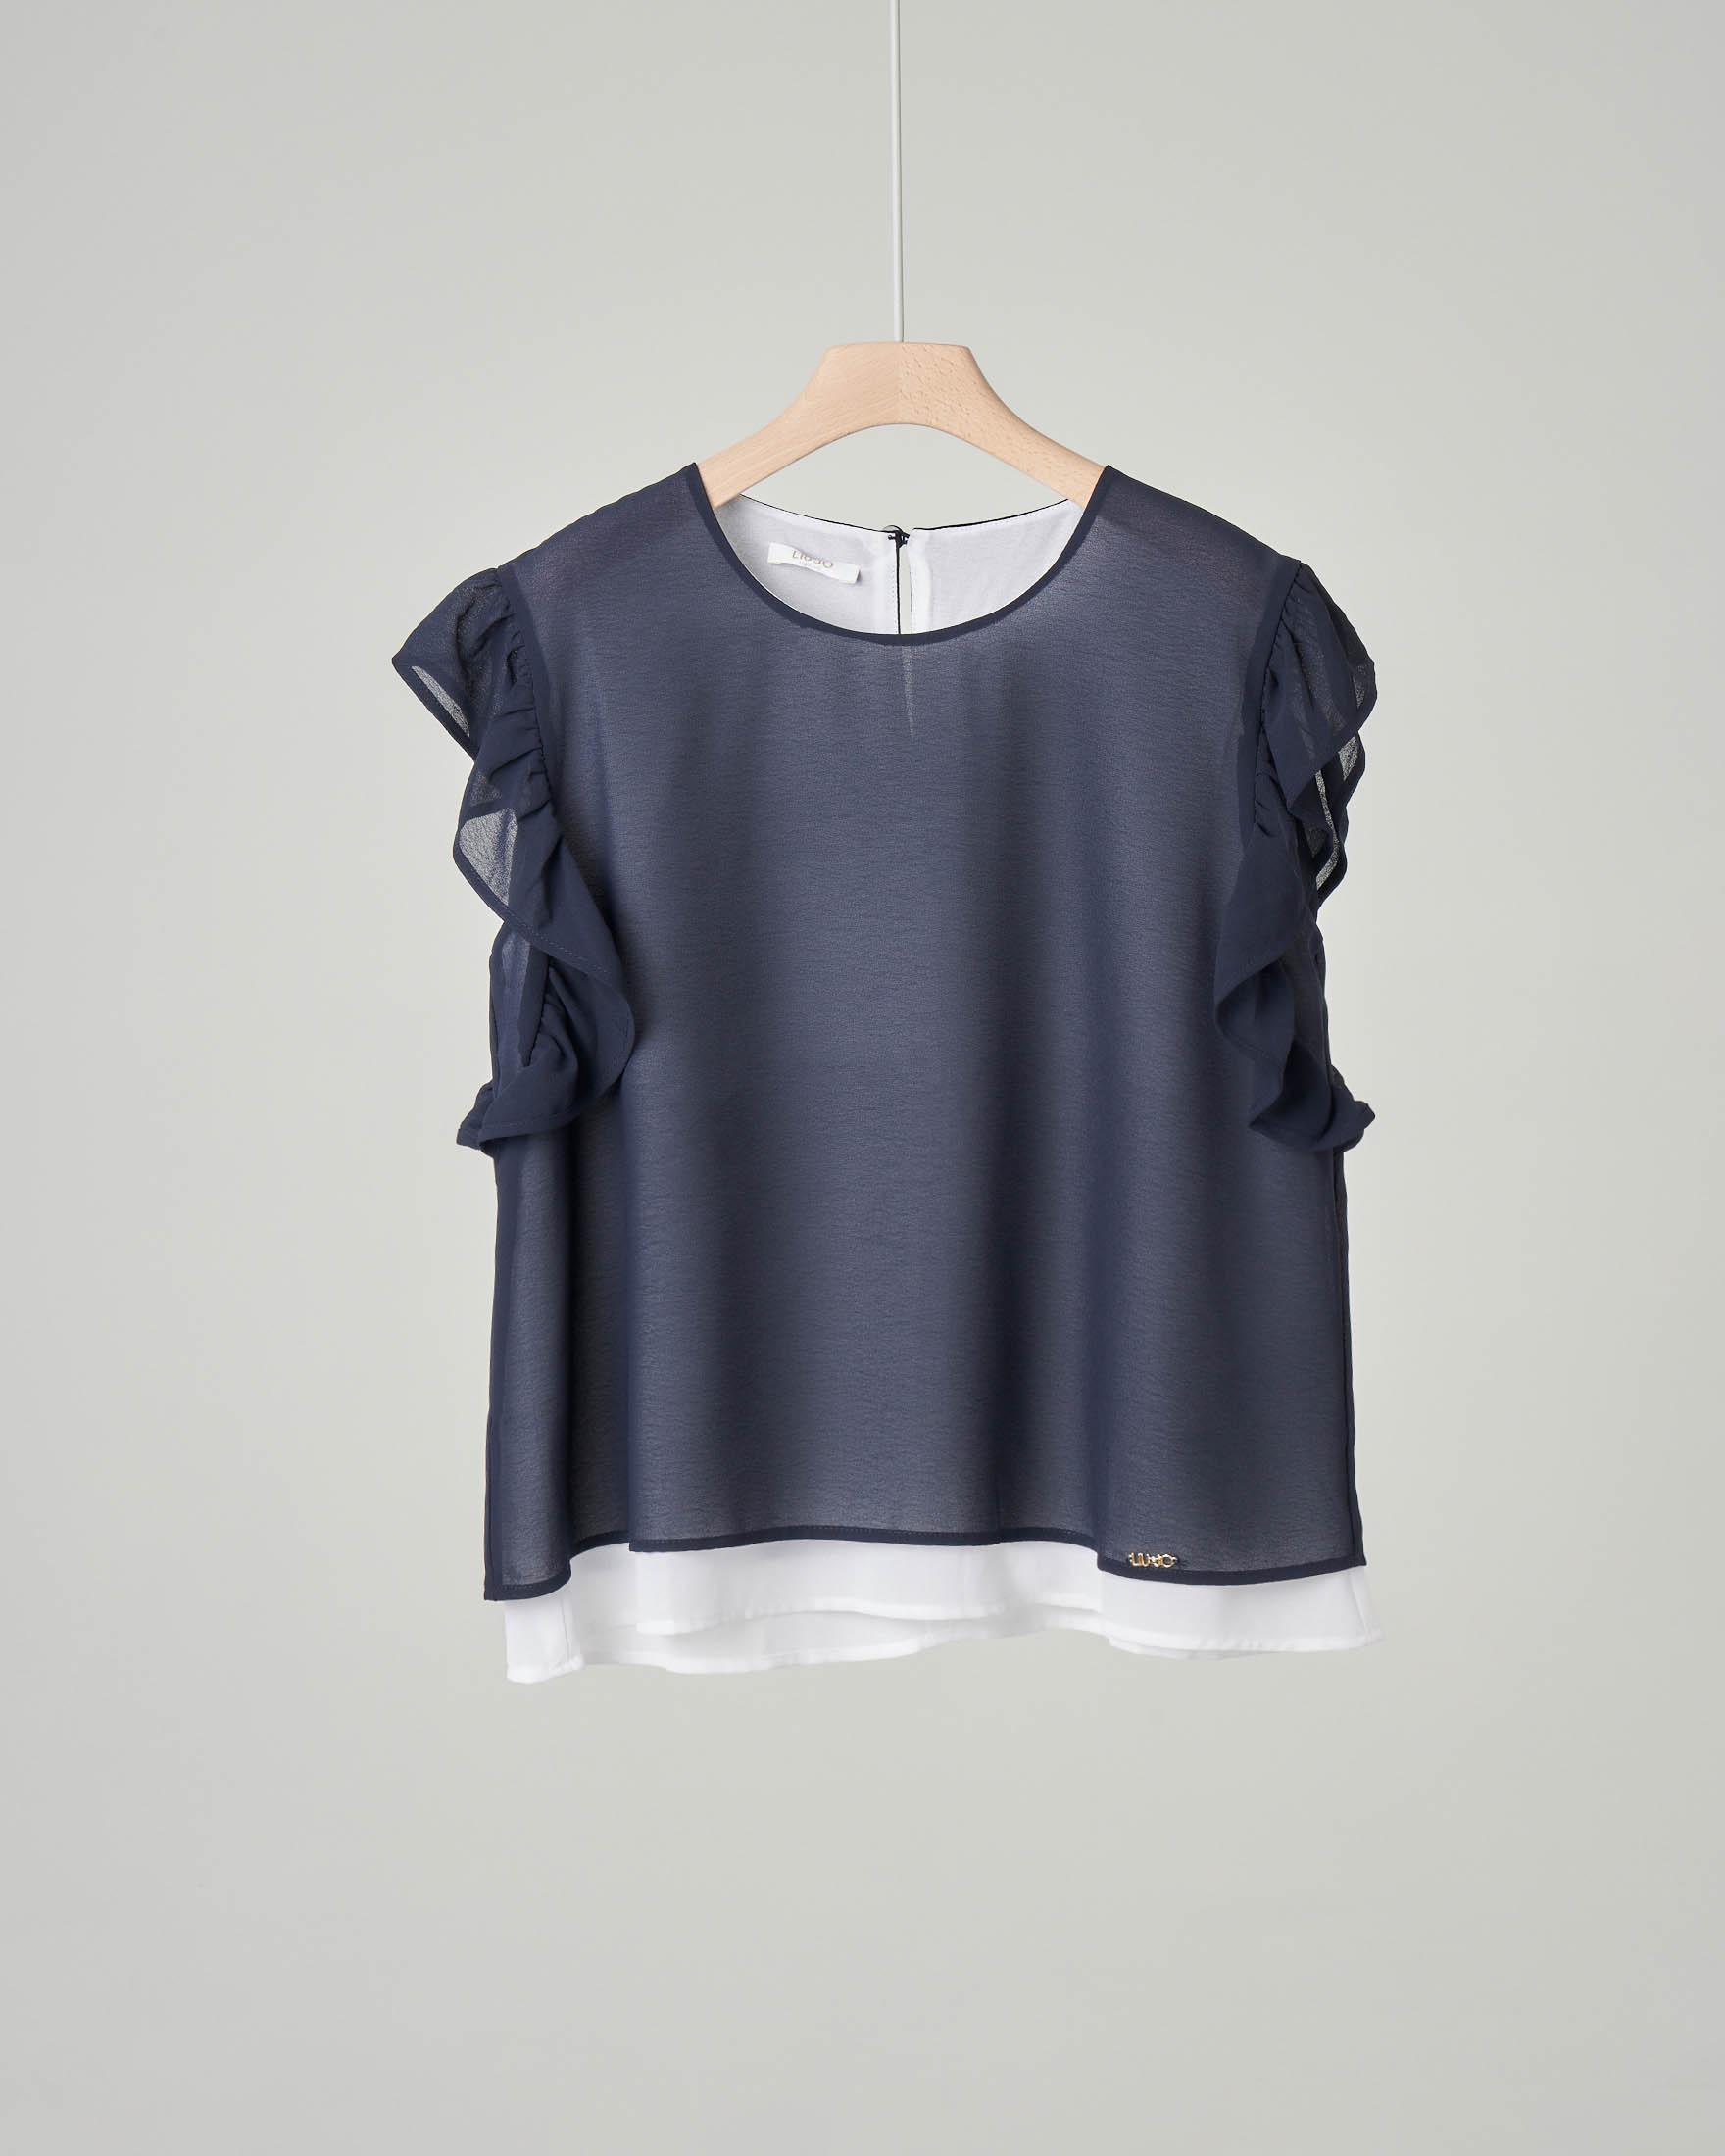 Camicia blu in doppio tessuto di cotone elasticizzato con maniche corte a volant